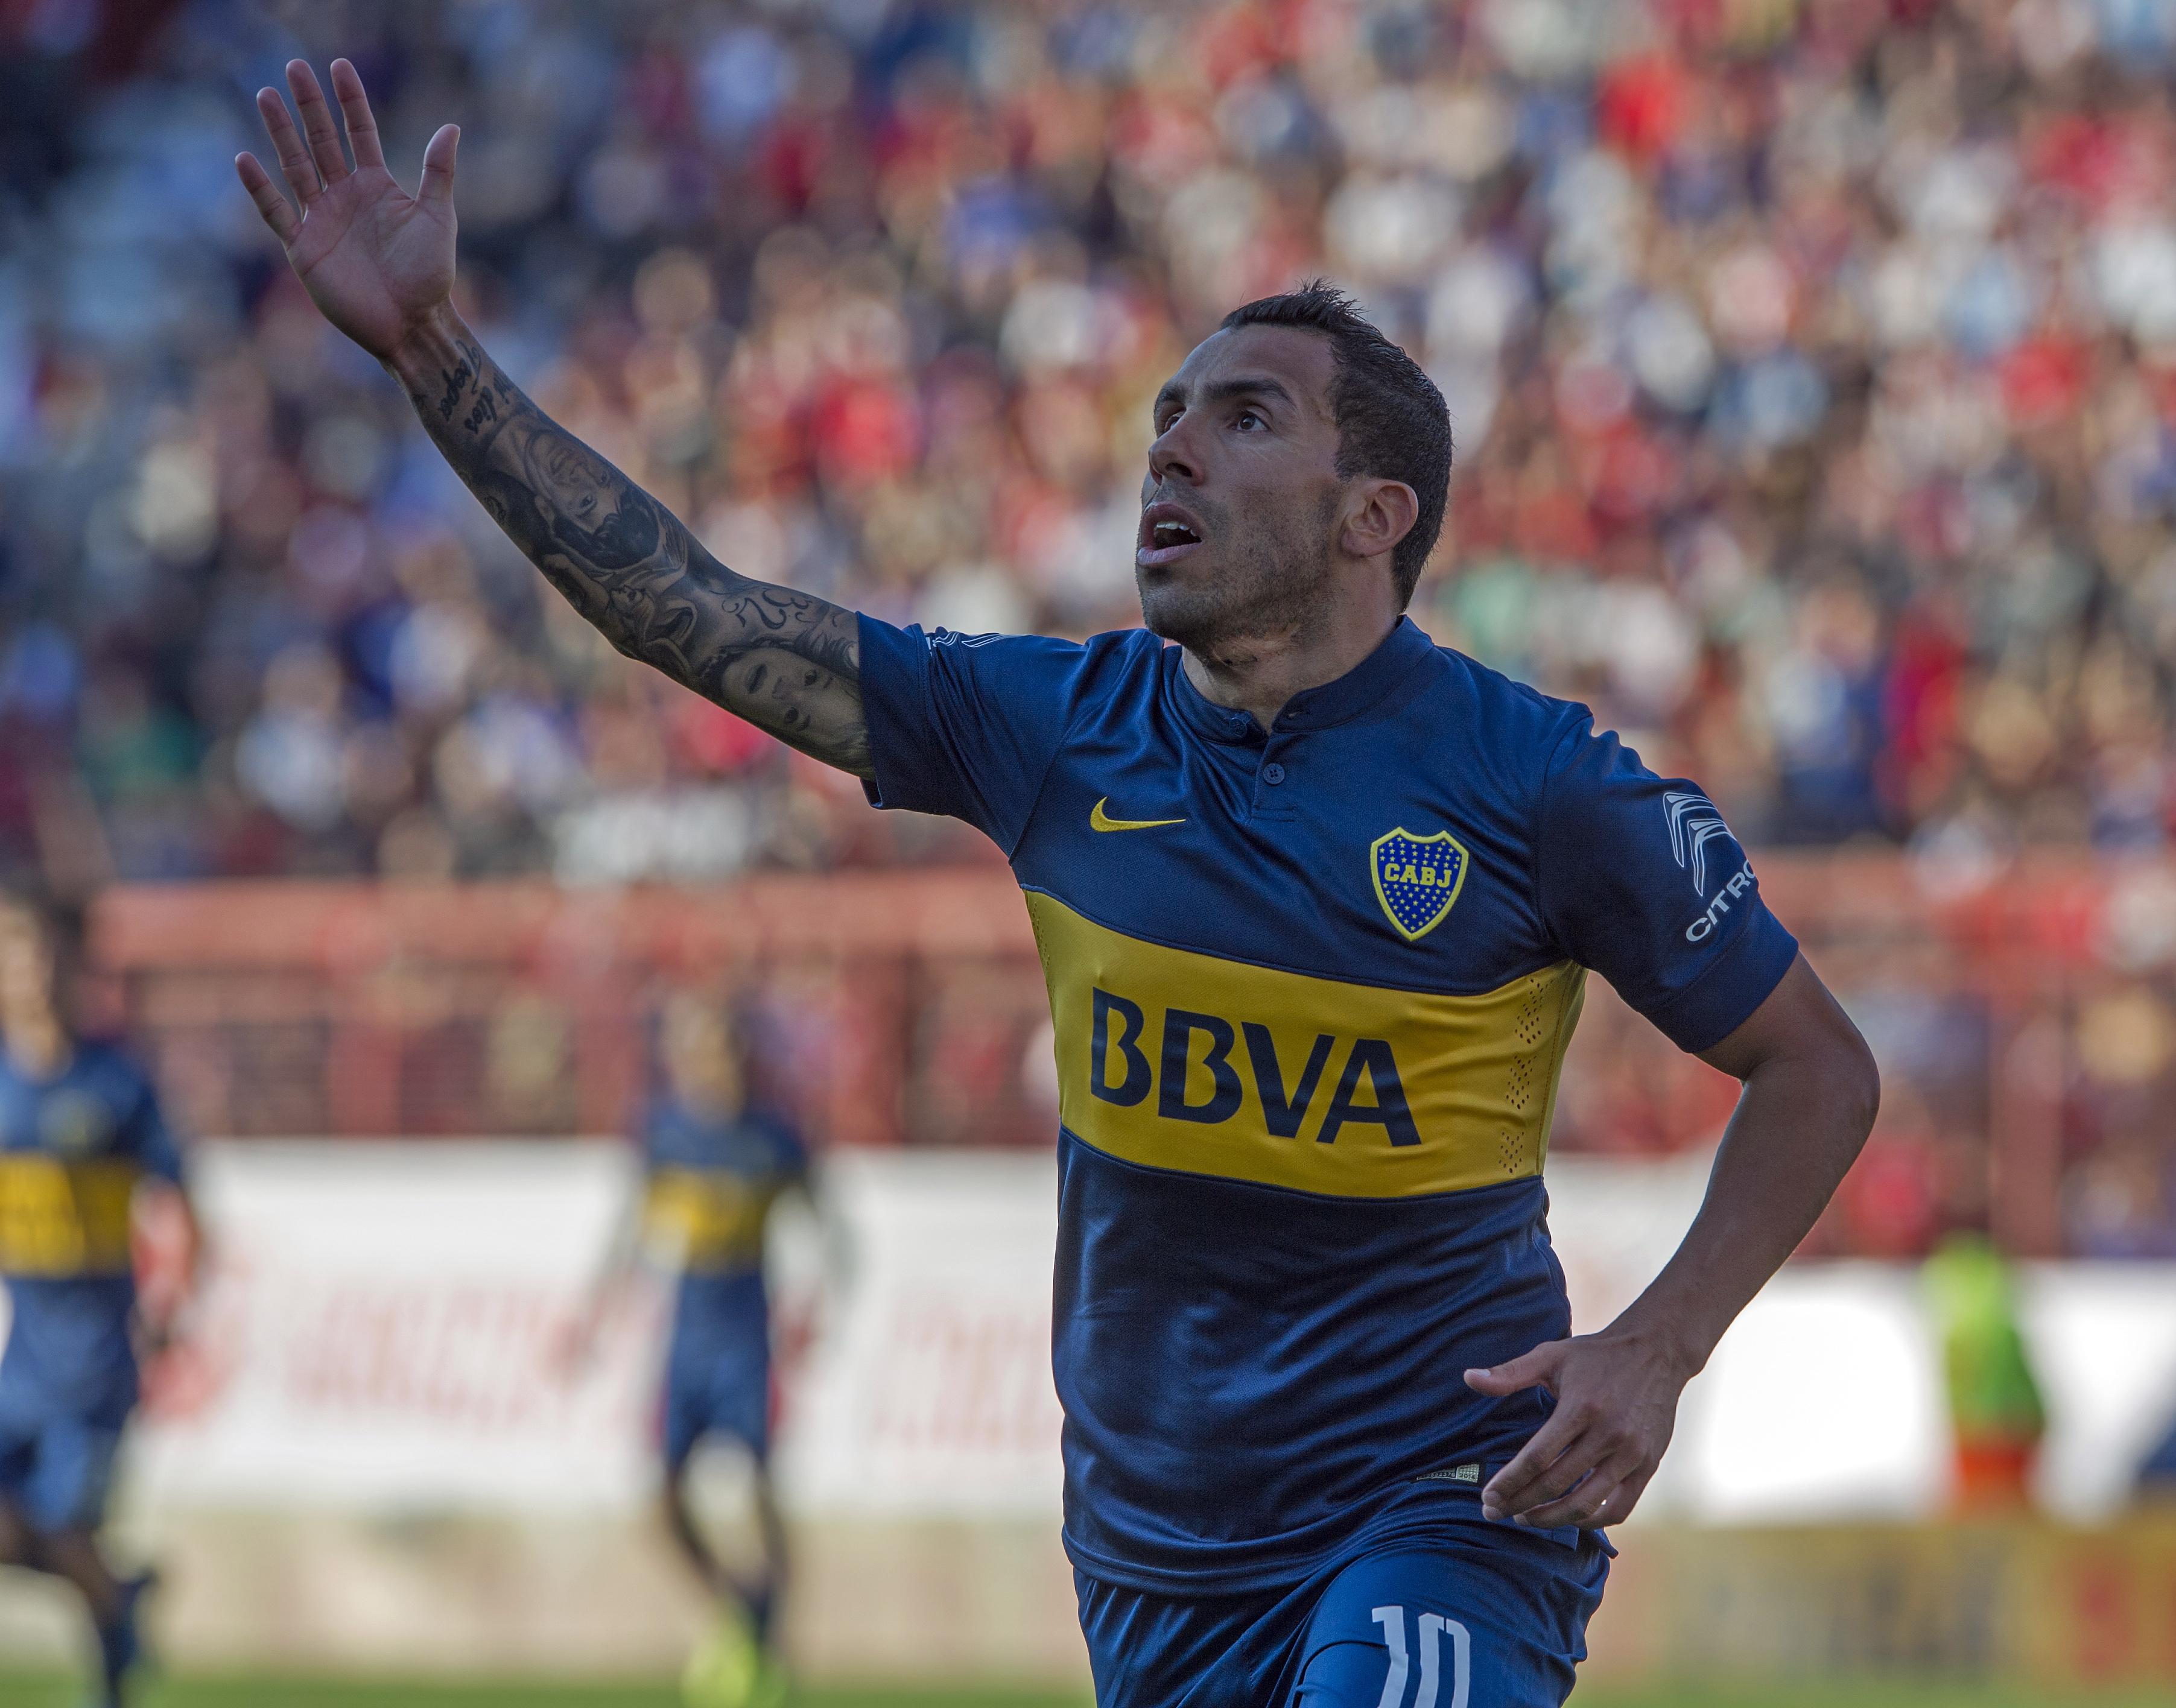 Diretor do Corinthians admite ser viável ter Tevez para a Libertadores 85013274eb8ea